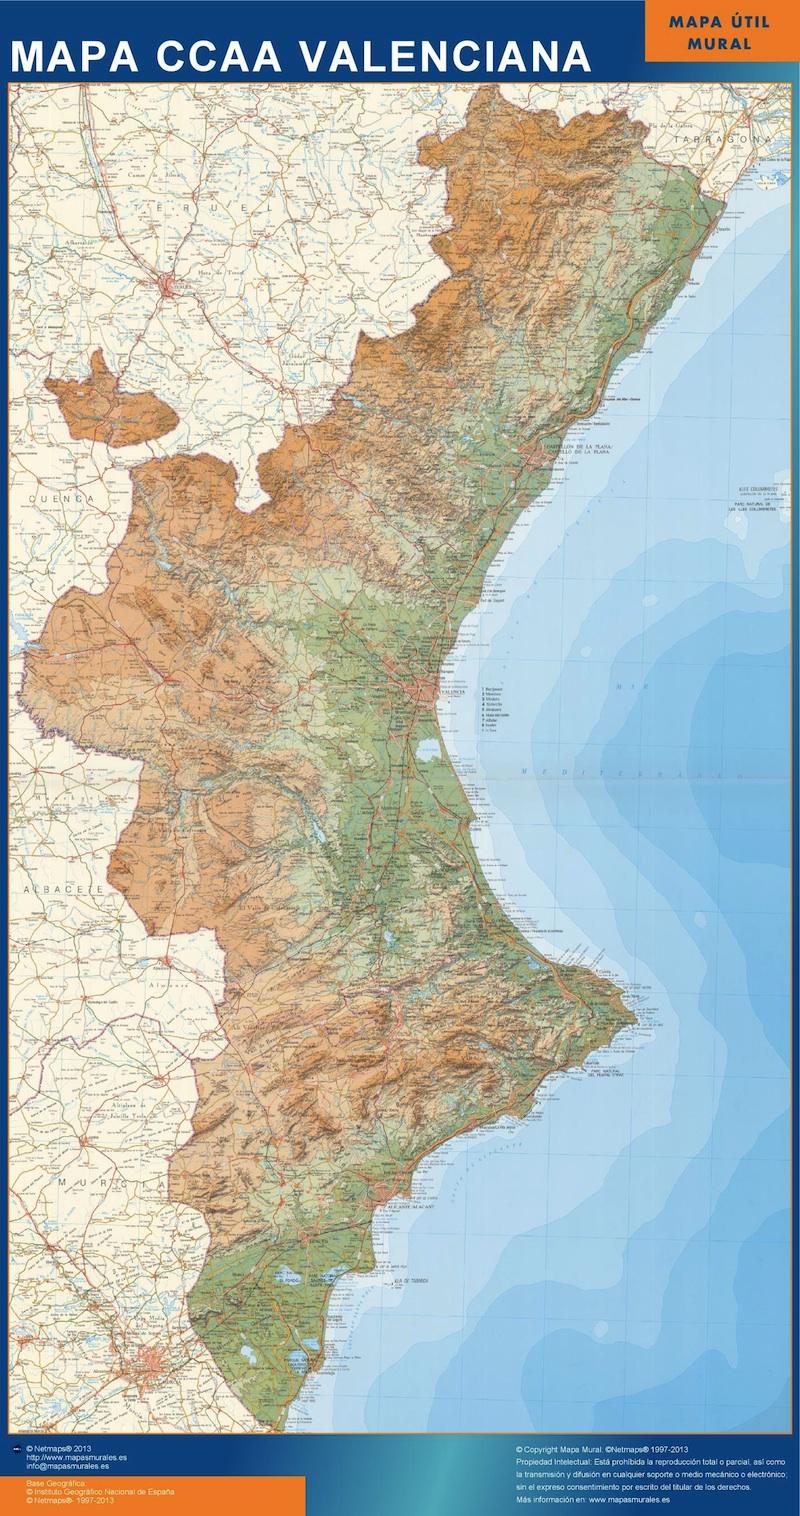 Mapa Topografico Comunidad Valenciana.Mapa De Comunidad Valenciana Relieve Vinilo Adhesivo Grande